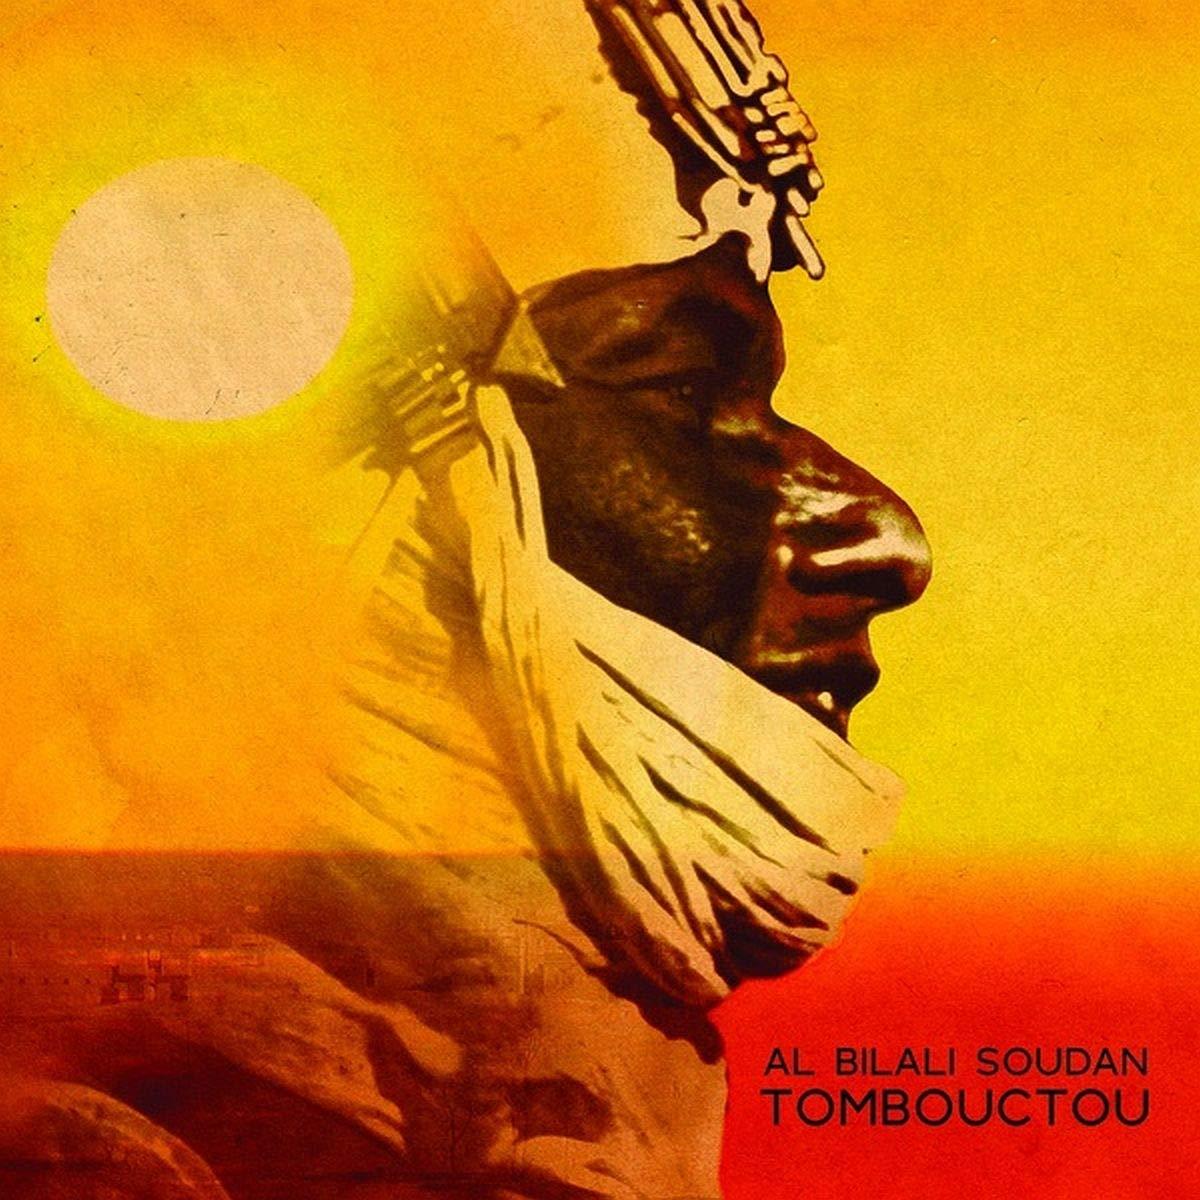 Al Bilali Soudan – Tombouctou (2020) [FLAC]